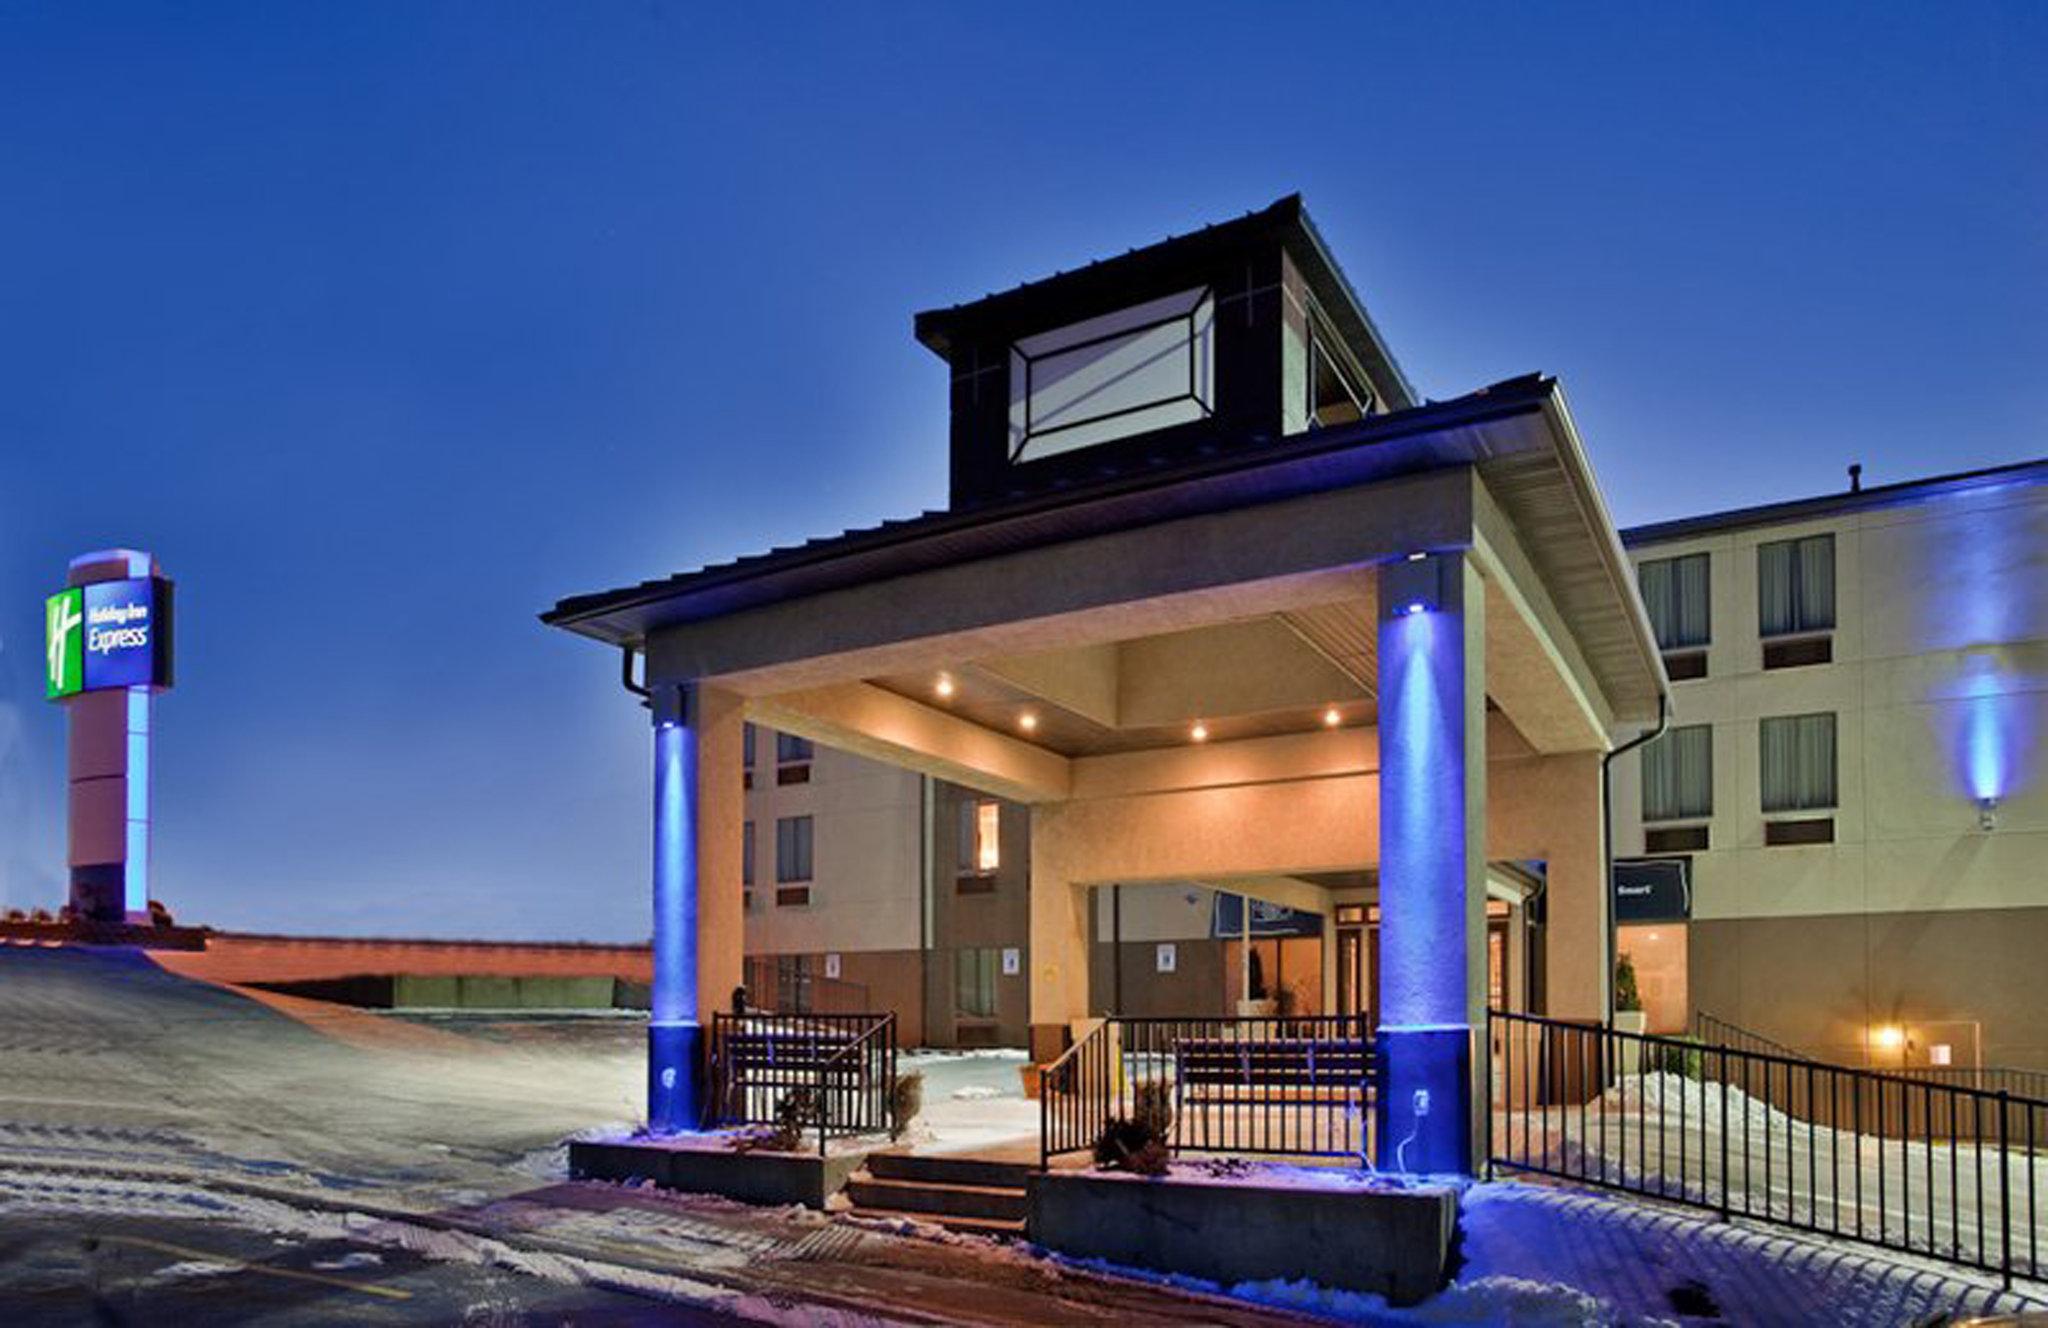 Holiday Inn Express Osage Bch